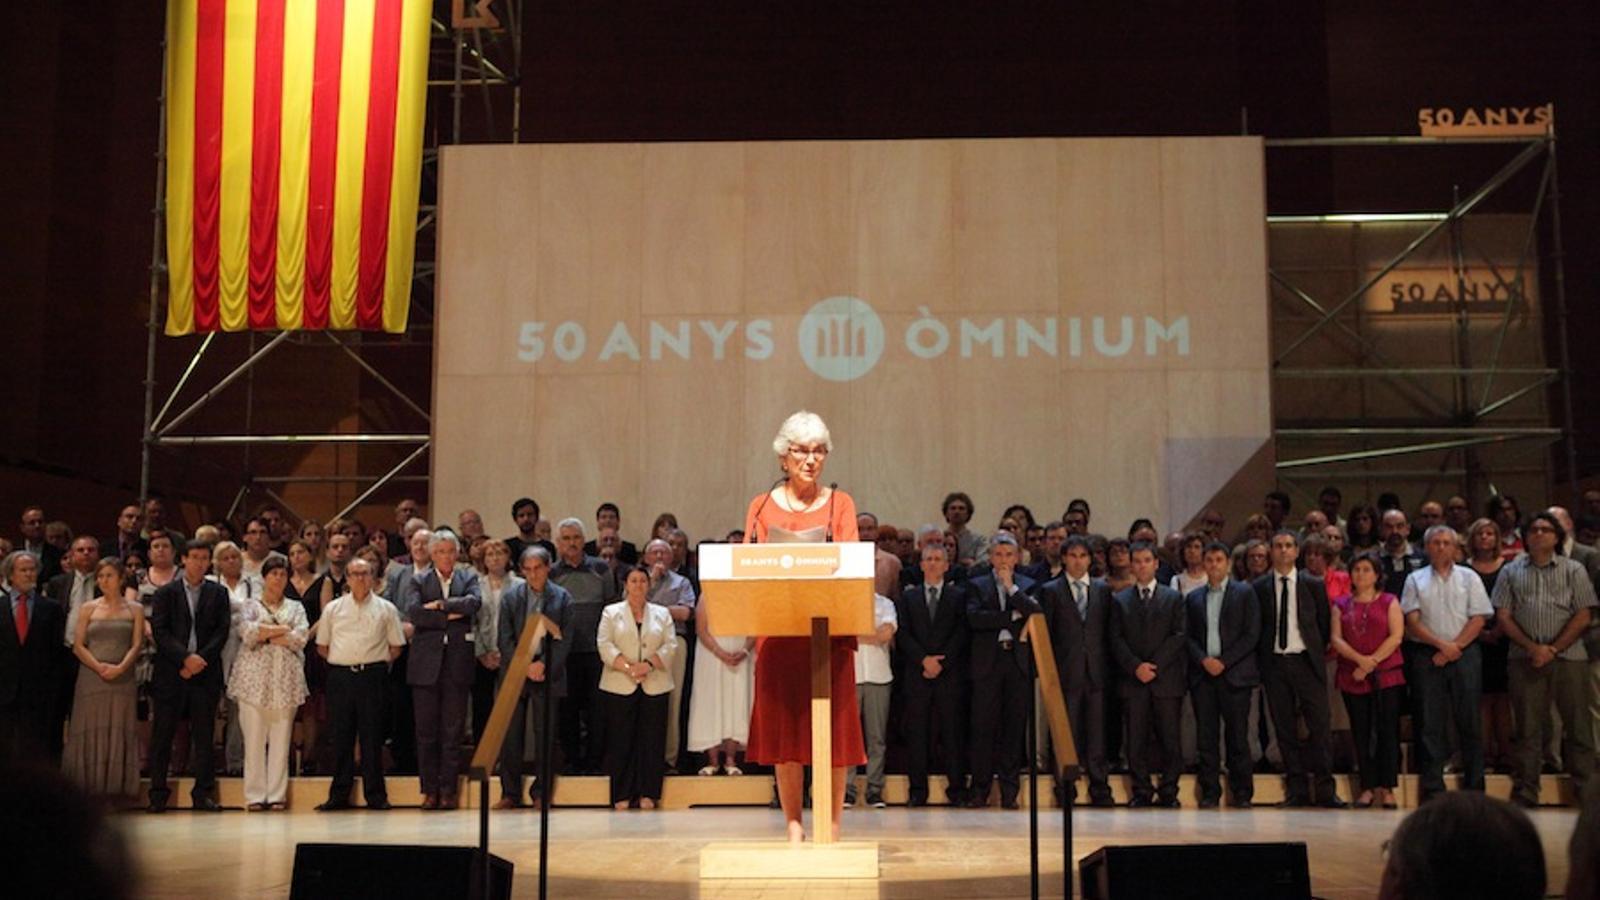 L'acte de celebració del 50è aniversari d'Òmnium Cultural / SCOTT CHASSEROT